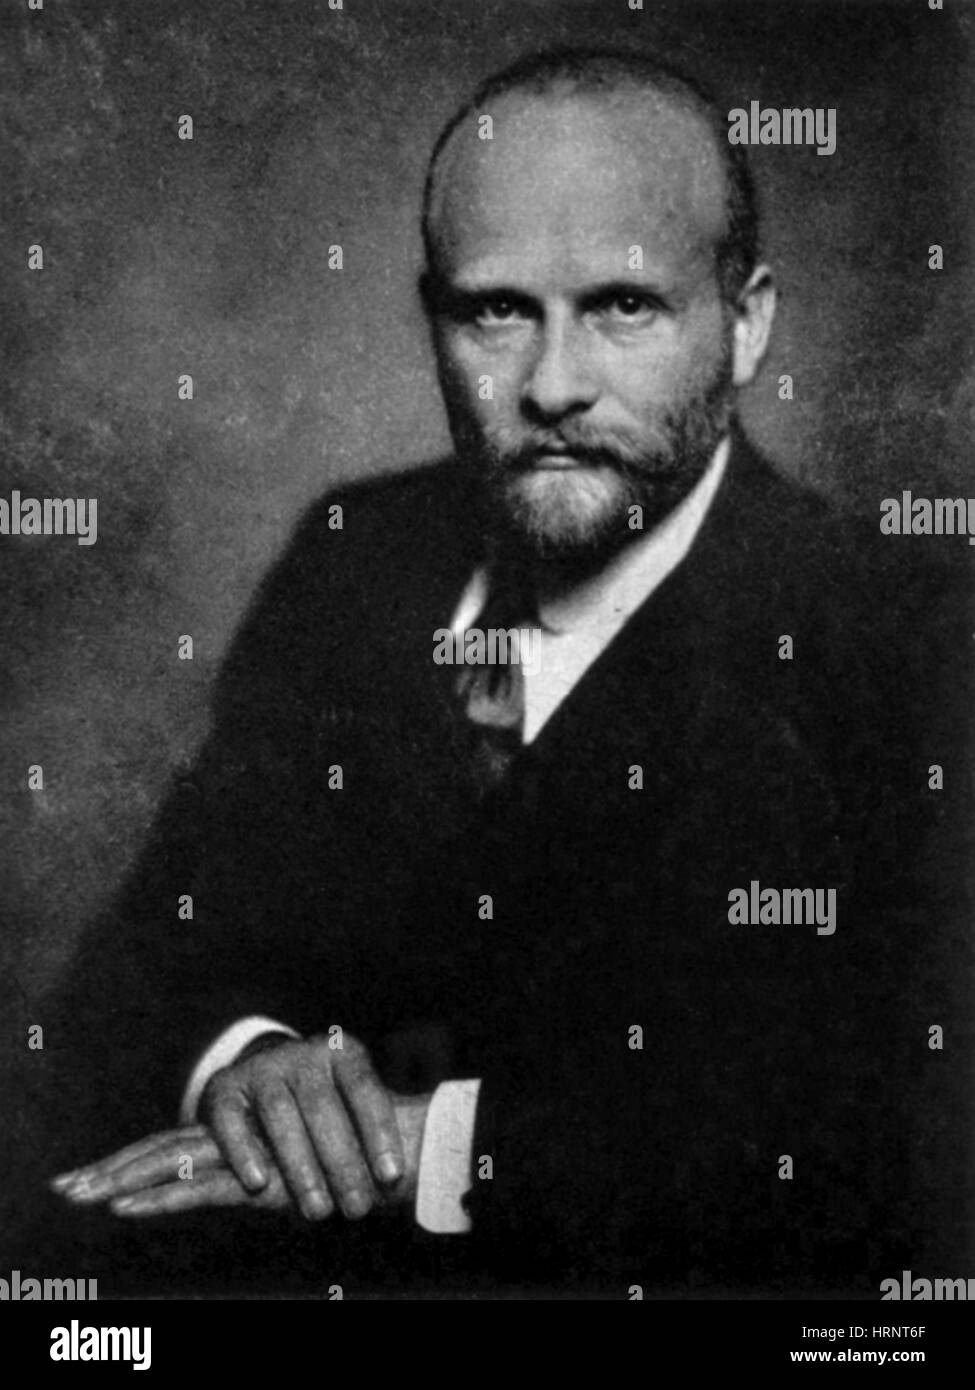 RÌ_bert BÌÁrÌÁny, Austro-Hungarian Otologist - Stock Image